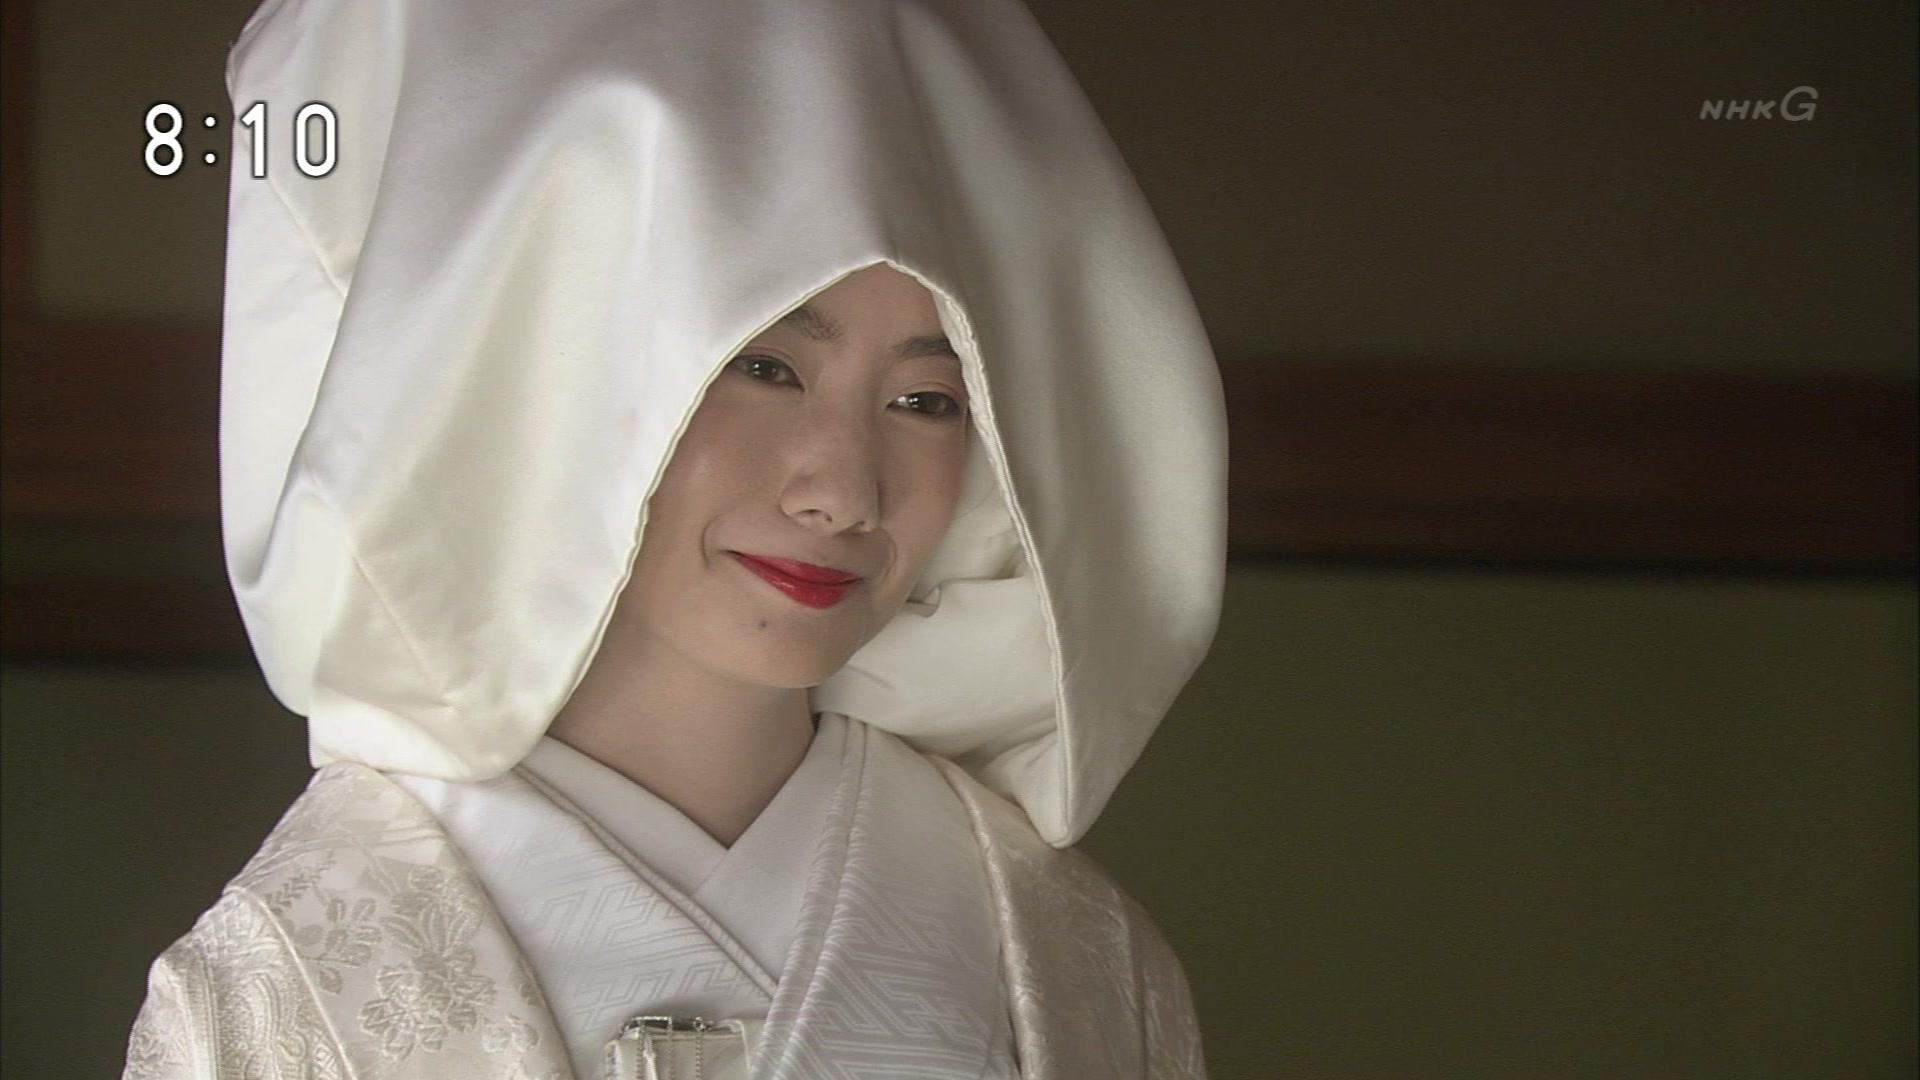 2015-10-10 08:00 連続テレビ小説 あさが来た(12)「ふたつの花びら」 1952